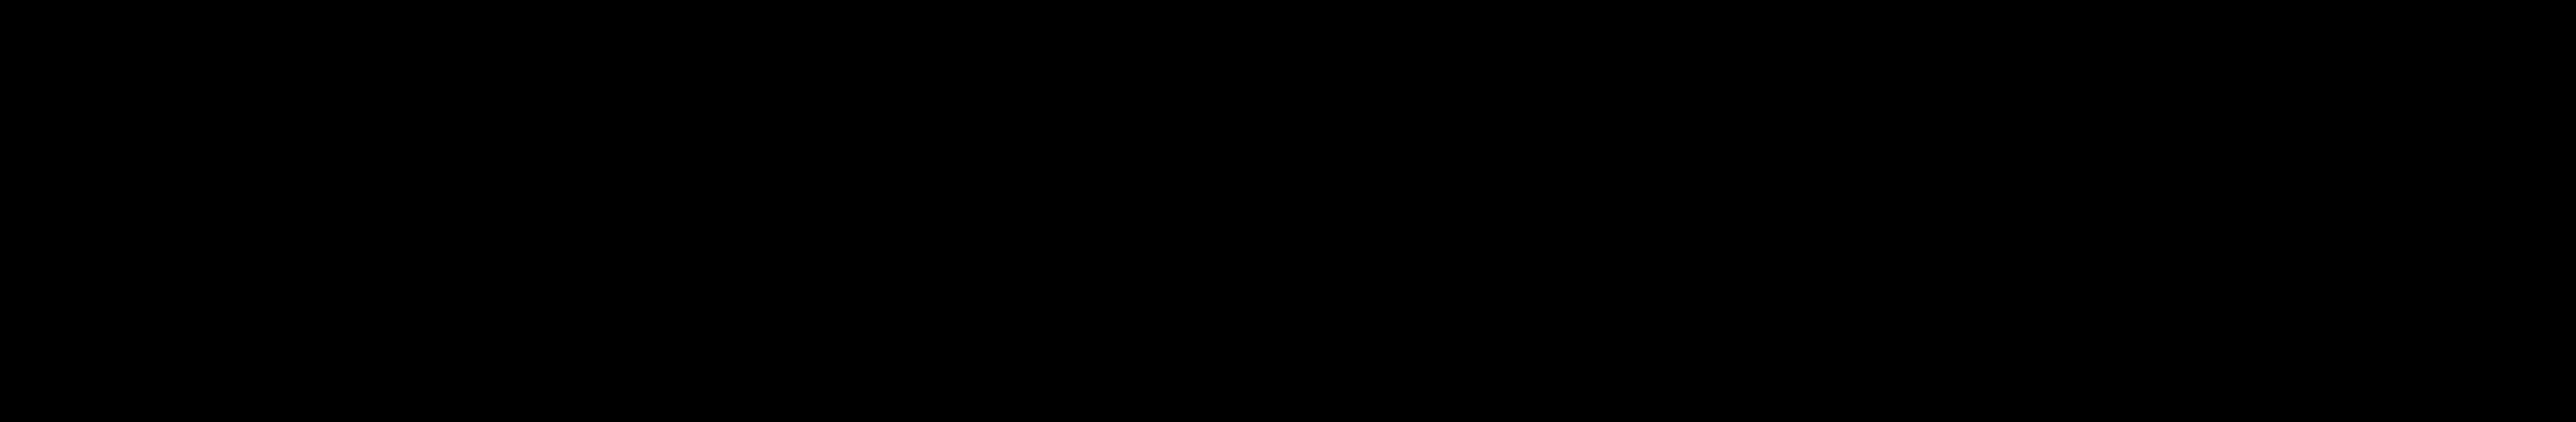 Plenilunio